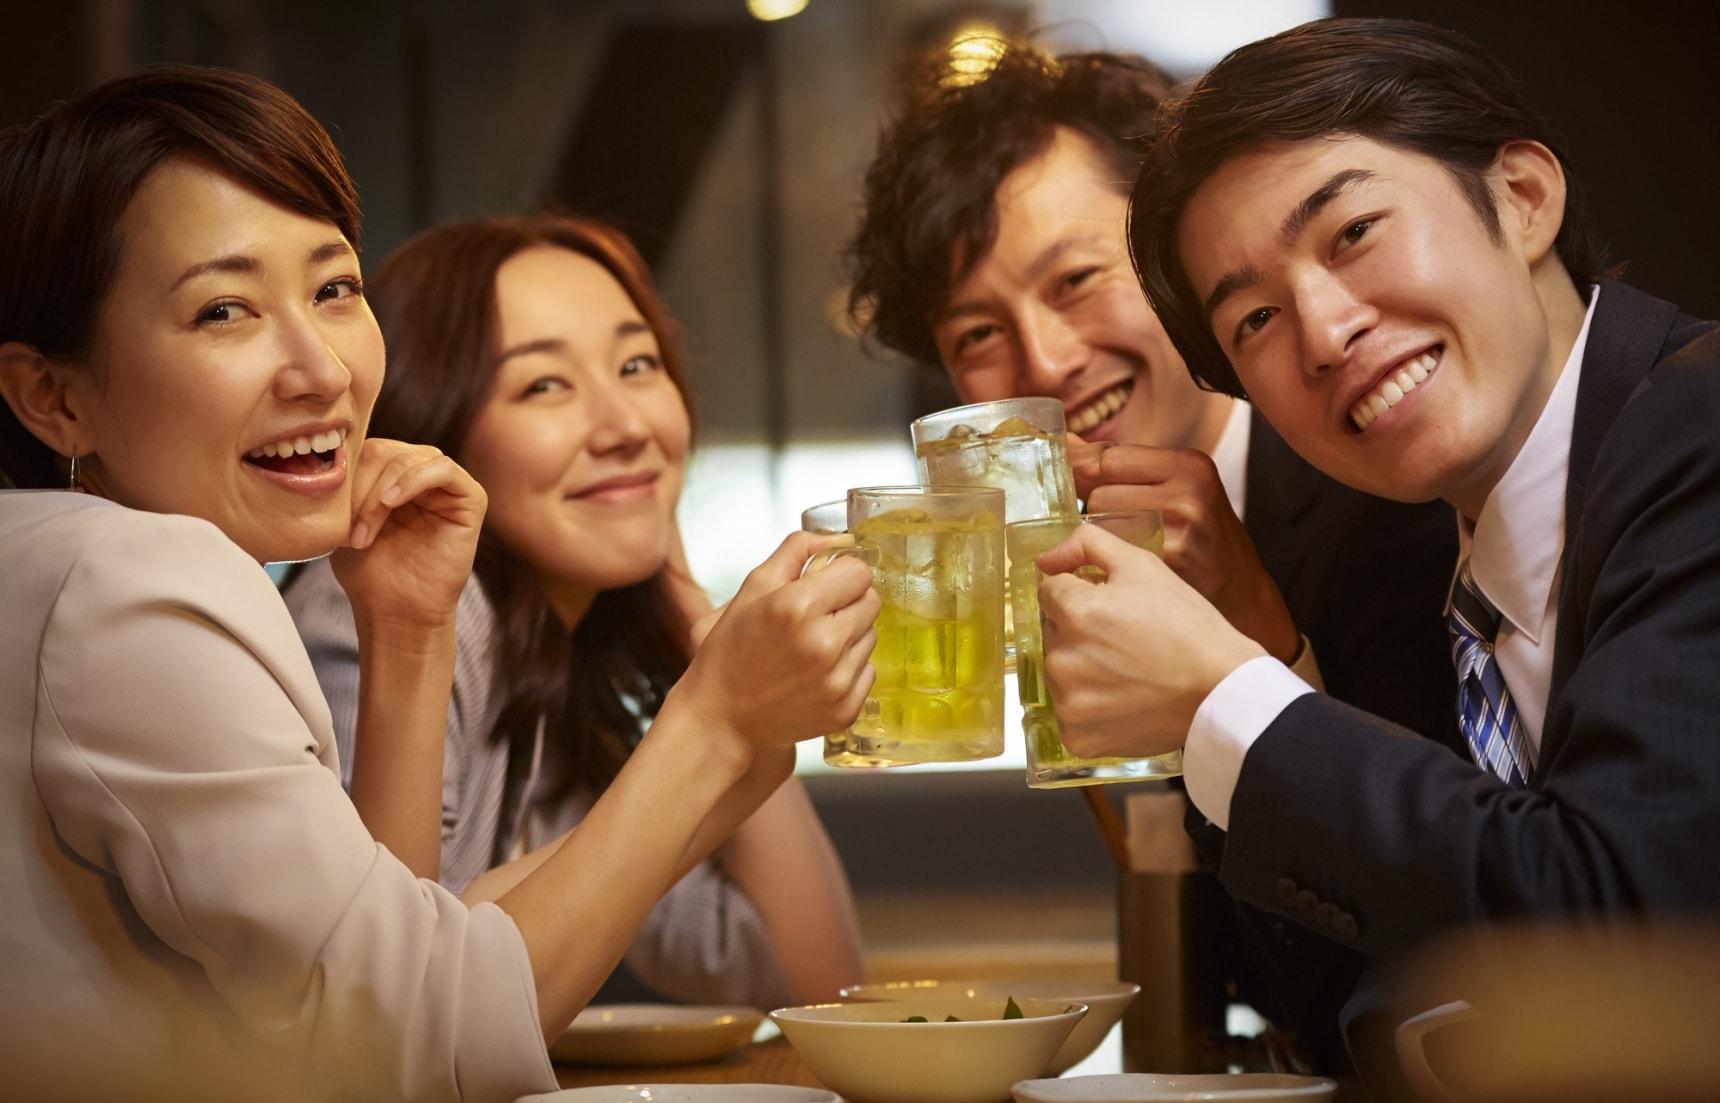 朋友聚會不能少,不傷荷包也能開心暢飲|七款日本便利商店就能入手的氣泡酒推薦